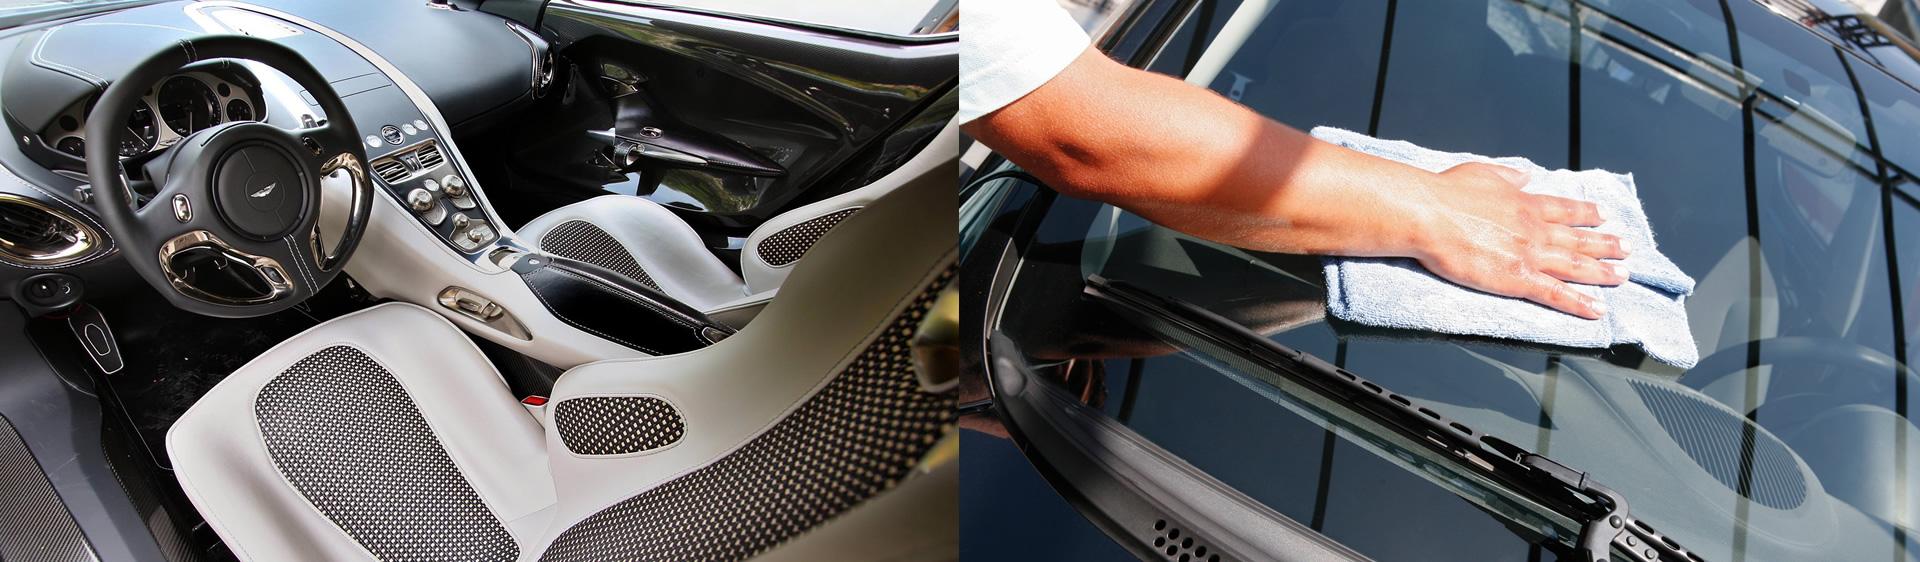 Lavaggio e pulizia auto a Nichelino (TO) | Delfino Car Wash